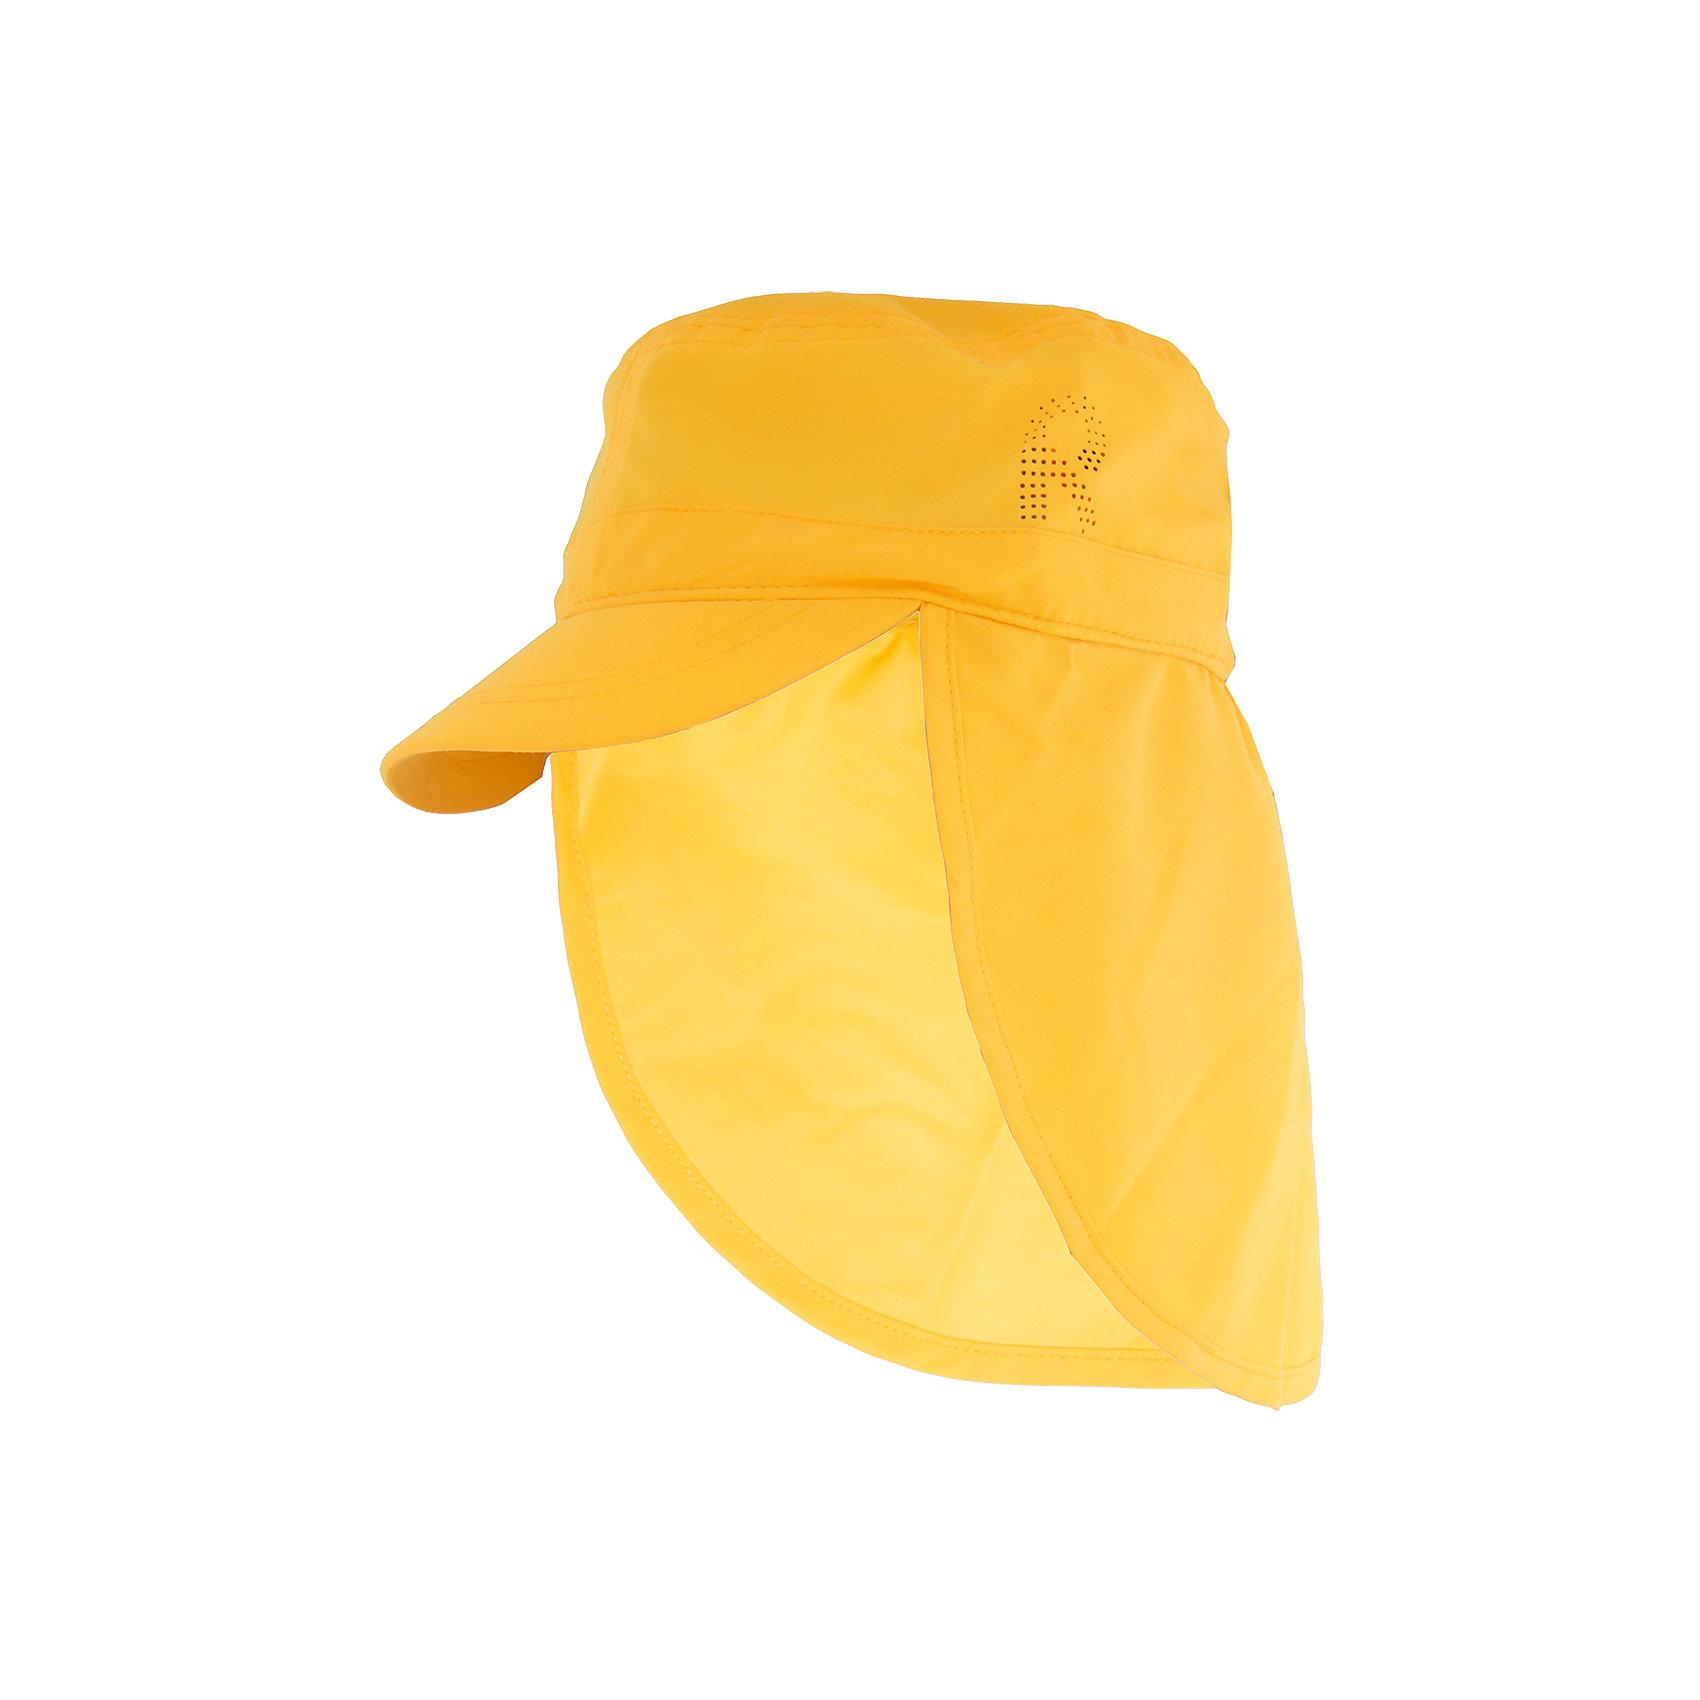 Панама Aloha ReimaШапки и шарфы<br>Характеристики товара:<br><br>• цвет: желтый<br>• состав: 100% полиэстер<br>• защитный козырек<br>• без подкладки<br>• удлиненная сзади<br>• декоративный логотип<br>• фактор защиты от ультрафиолета: 50+<br>• комфортная посадка<br>• страна производства: Китай<br>• страна бренда: Финляндия<br>• коллекция: весна-лето 2017<br><br>Детский головной убор может быть модным и удобным одновременно! Стильная панама поможет обеспечить ребенку комфорт и дополнить наряд. Она отлично смотрится с различной одеждой. Панама удобно сидит и аккуратно выглядит. Проста в уходе, долго служит. Стильный дизайн разрабатывался специально для детей. Отличная защита от солнца!<br><br>Одежда и обувь от финского бренда Reima пользуется популярностью во многих странах. Эти изделия стильные, качественные и удобные. Для производства продукции используются только безопасные, проверенные материалы и фурнитура. Порадуйте ребенка модными и красивыми вещами от Reima! <br><br>Панаму для мальчика от финского бренда Reima (Рейма) можно купить в нашем интернет-магазине.<br><br>Ширина мм: 89<br>Глубина мм: 117<br>Высота мм: 44<br>Вес г: 155<br>Цвет: желтый<br>Возраст от месяцев: 18<br>Возраст до месяцев: 36<br>Пол: Унисекс<br>Возраст: Детский<br>Размер: 50,48,56,54,52<br>SKU: 5267766